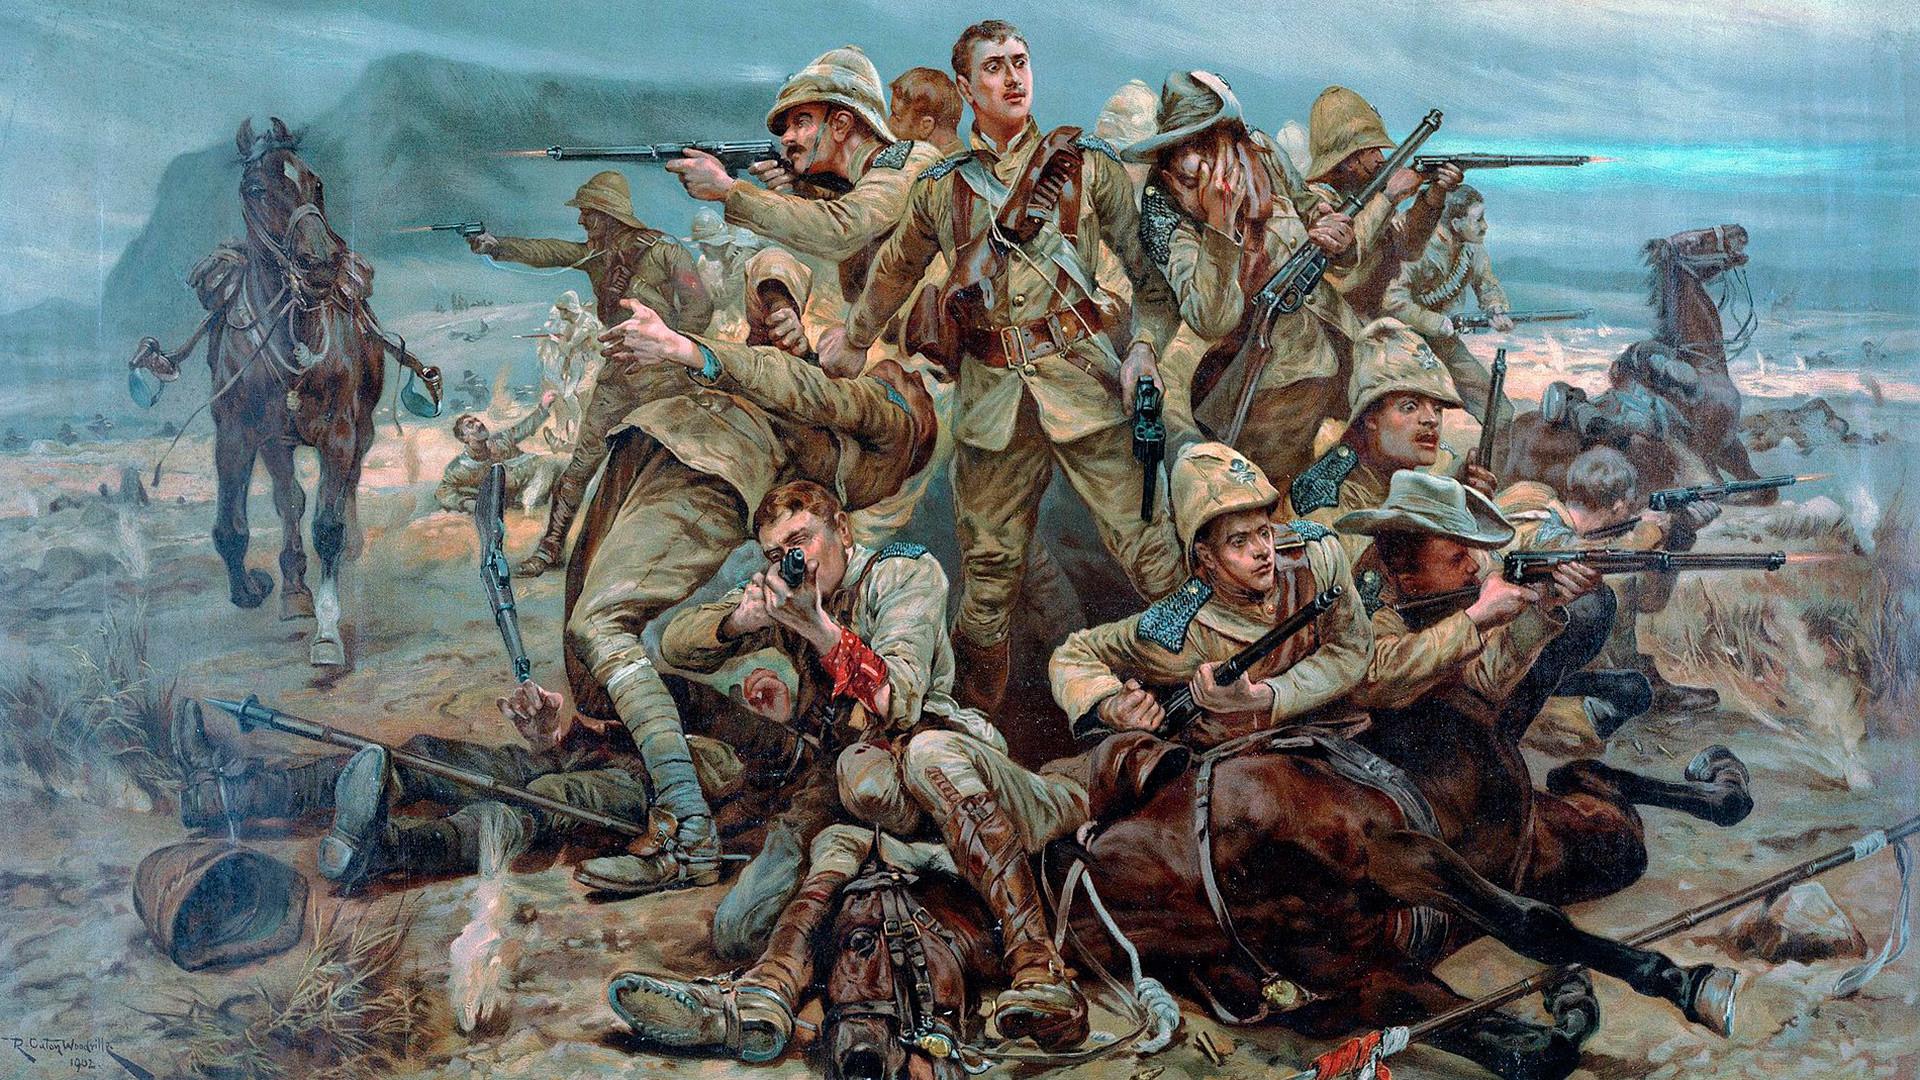 17 улански полк во Битката кај Модерфонтејн